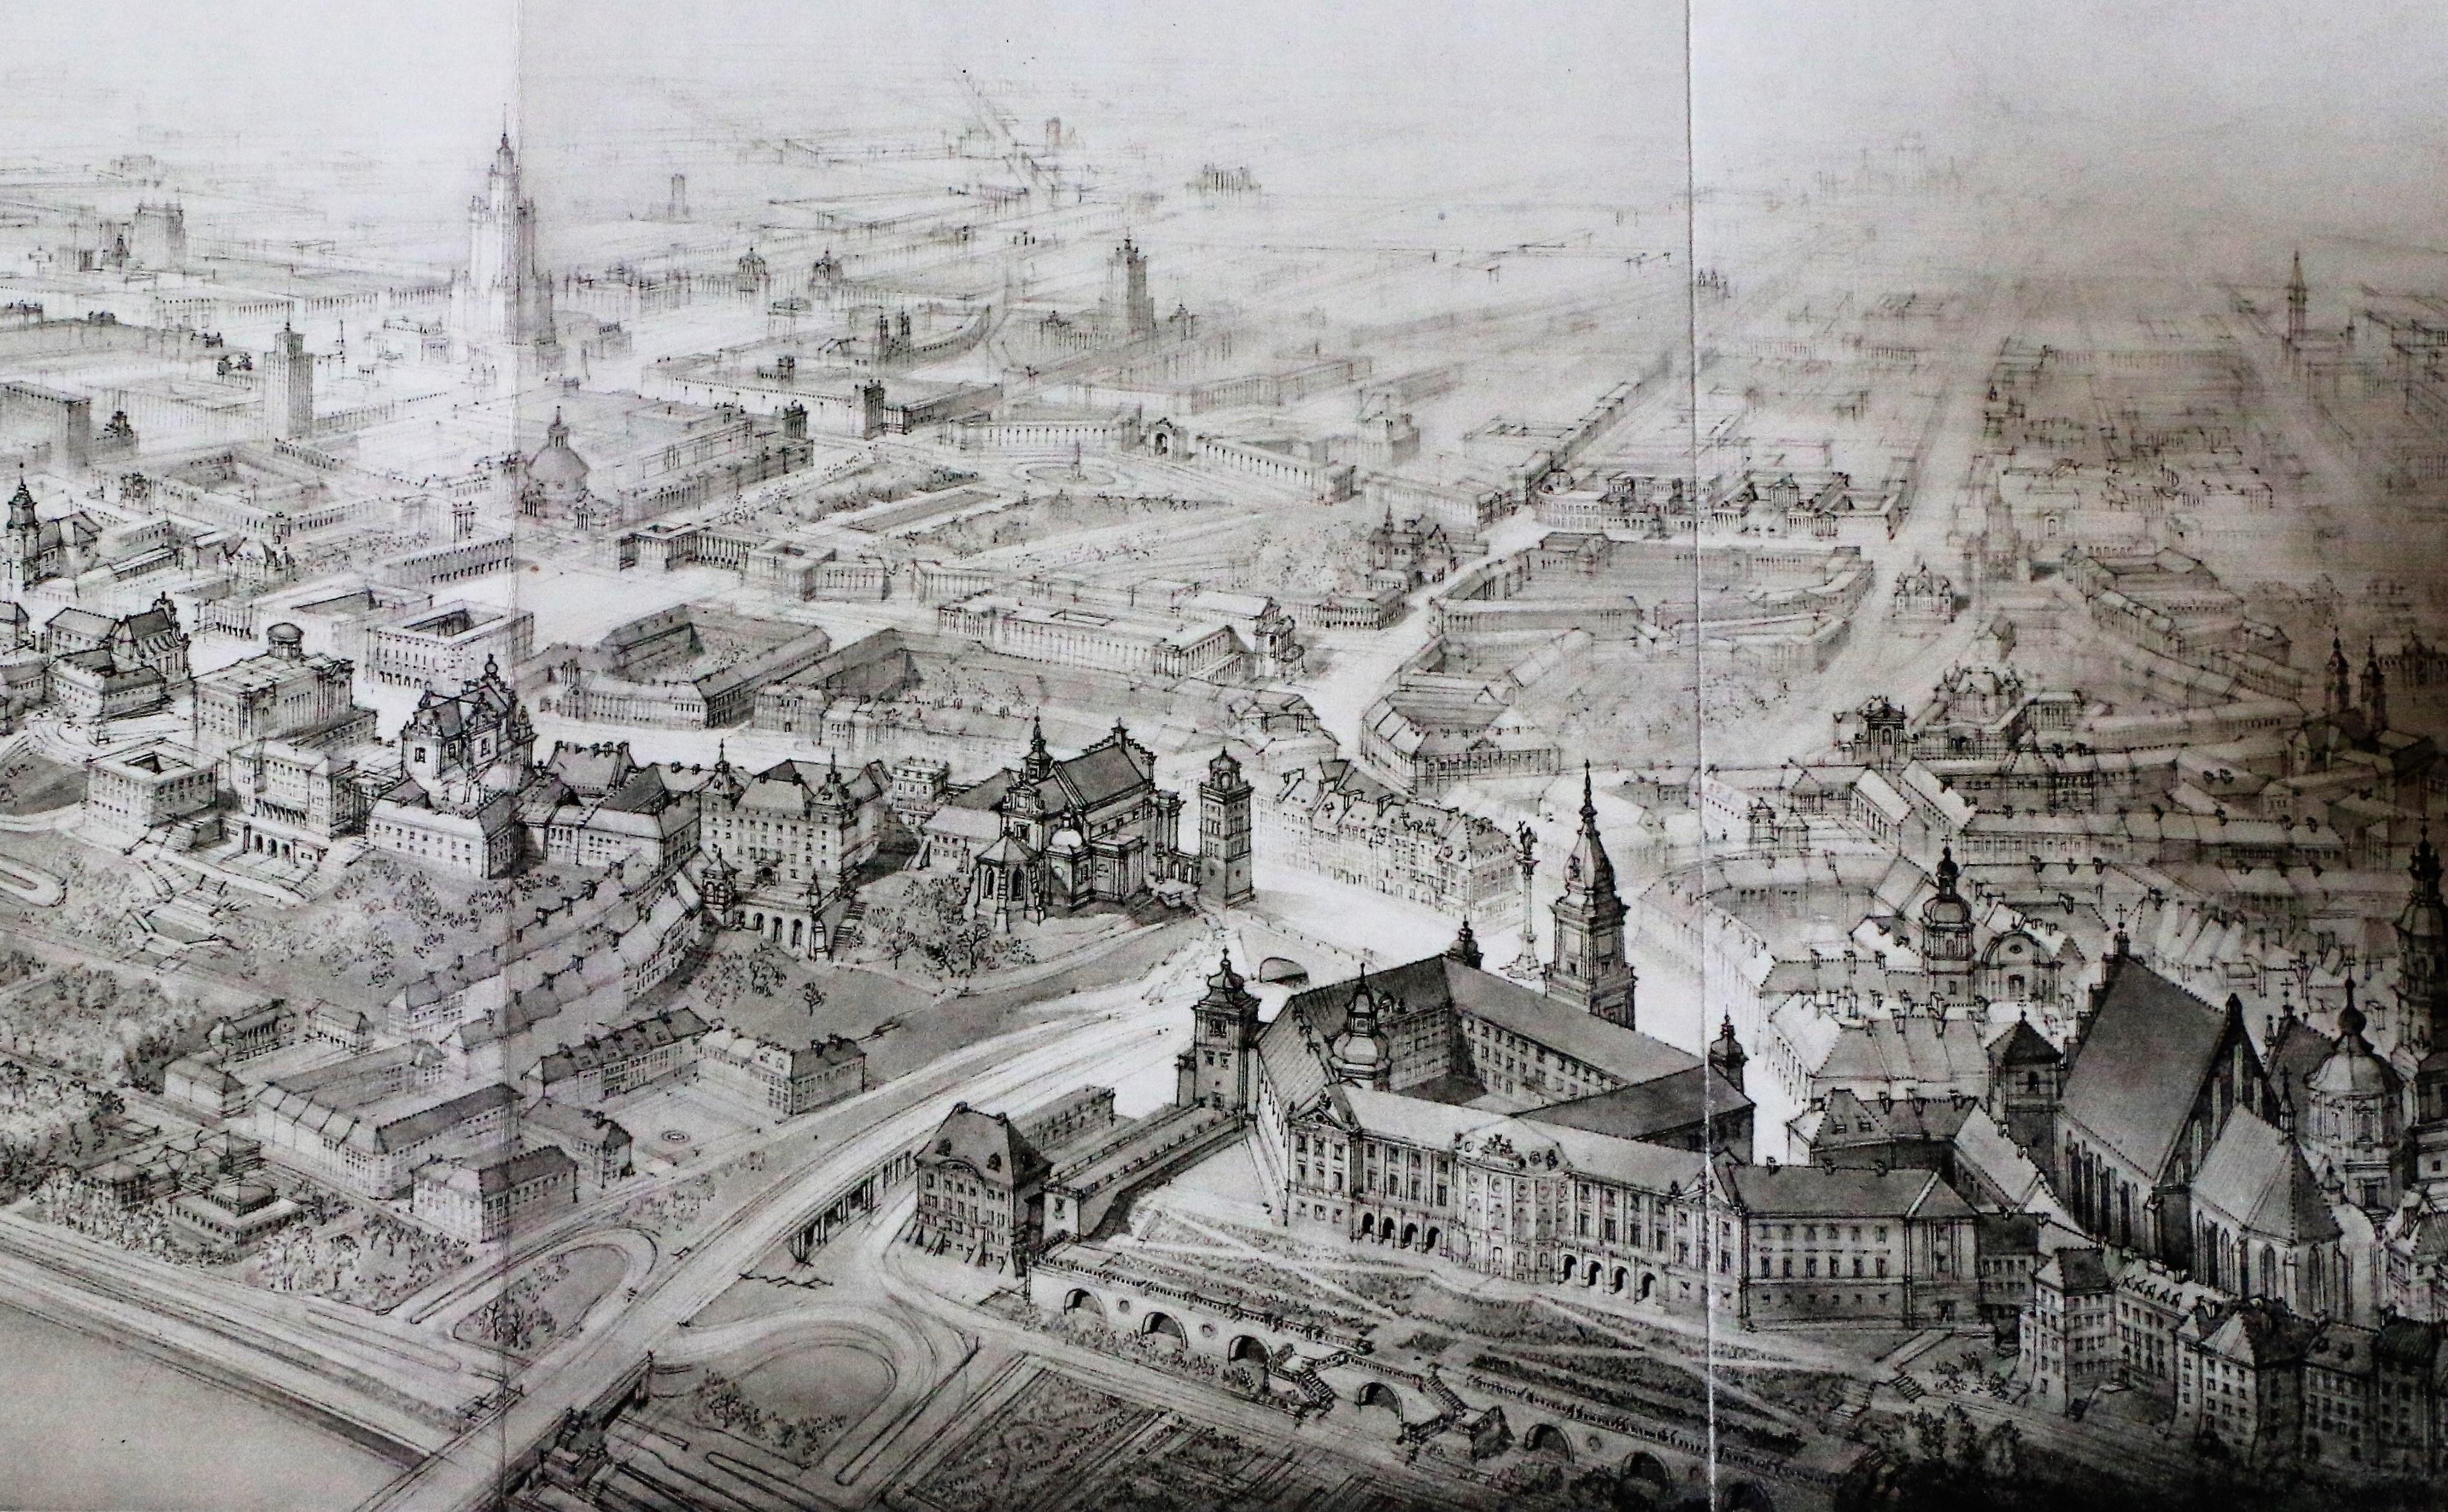 zamek krolewski cz 2 00